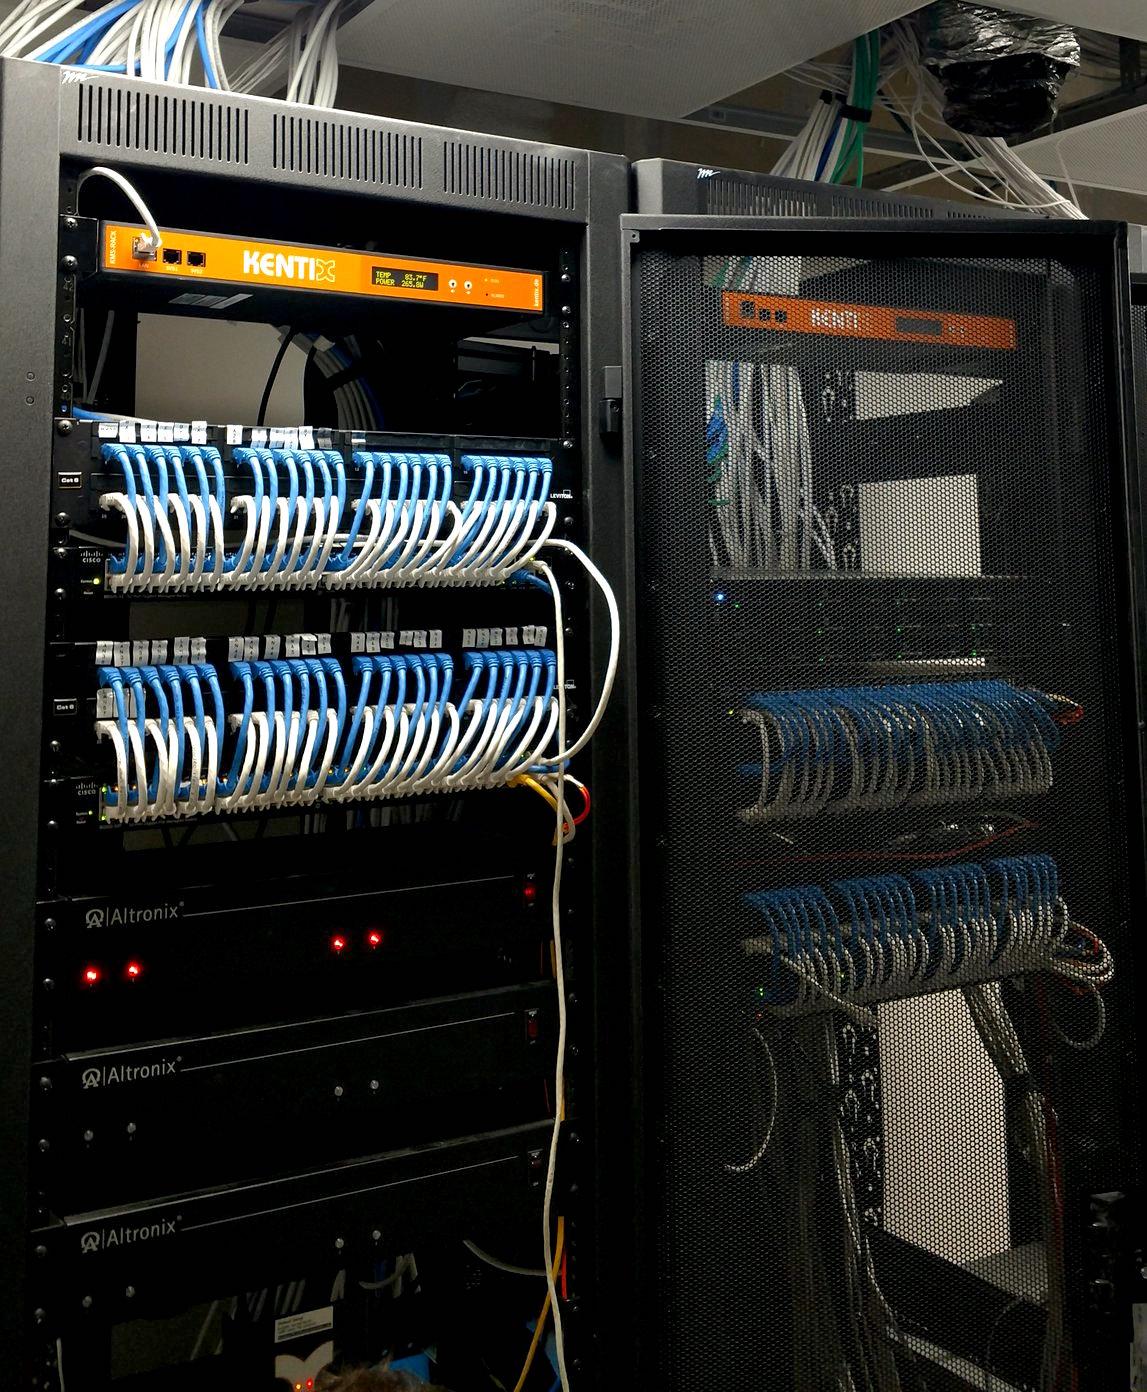 Effektives IT-Rack Monitoring mit nur einem System